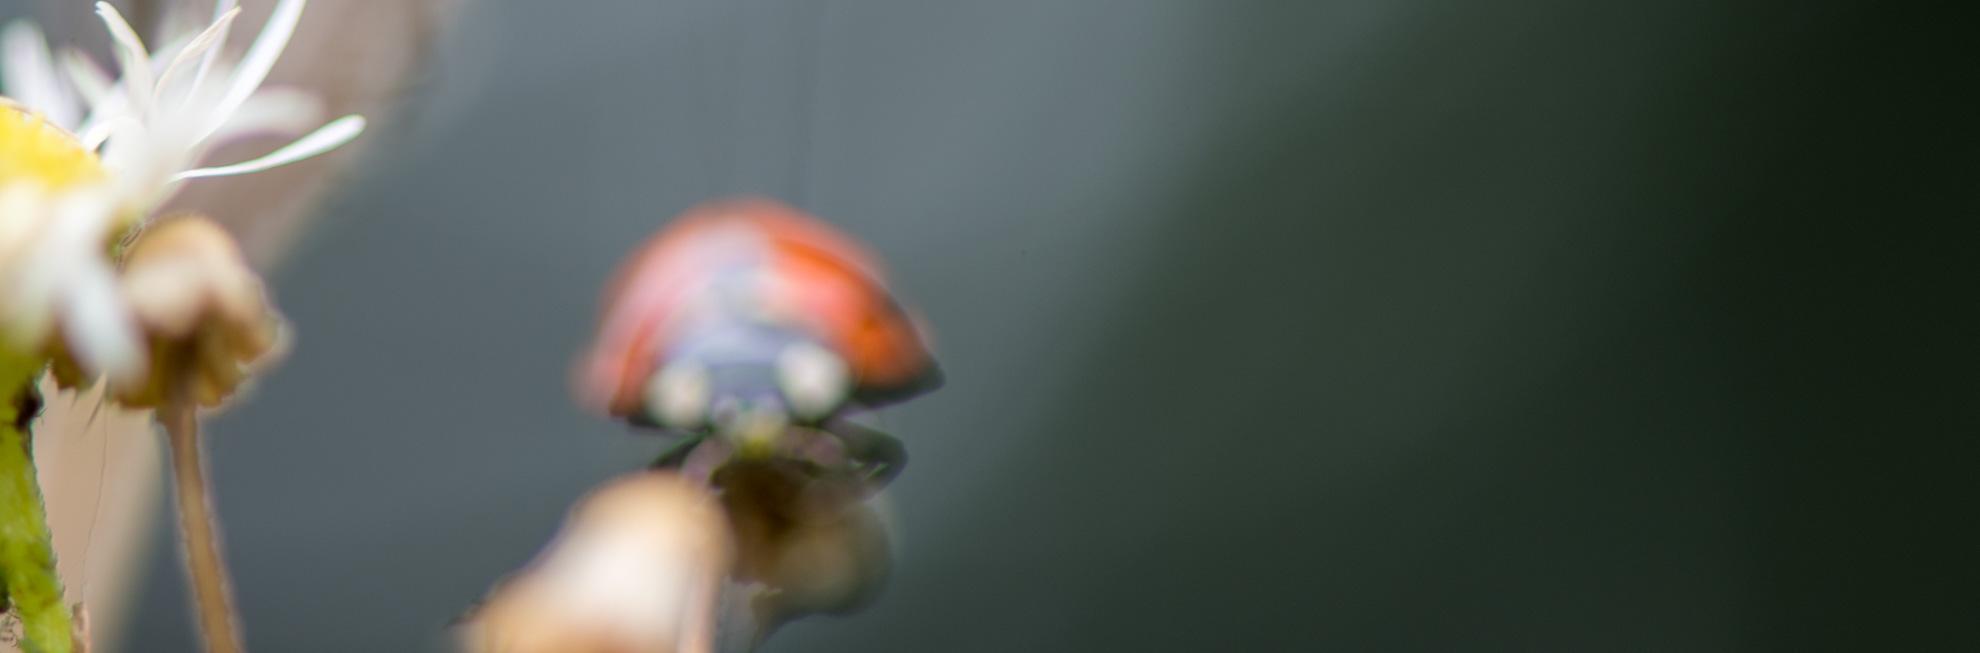 まとめ てんとう虫、見てるだけでほっこりする